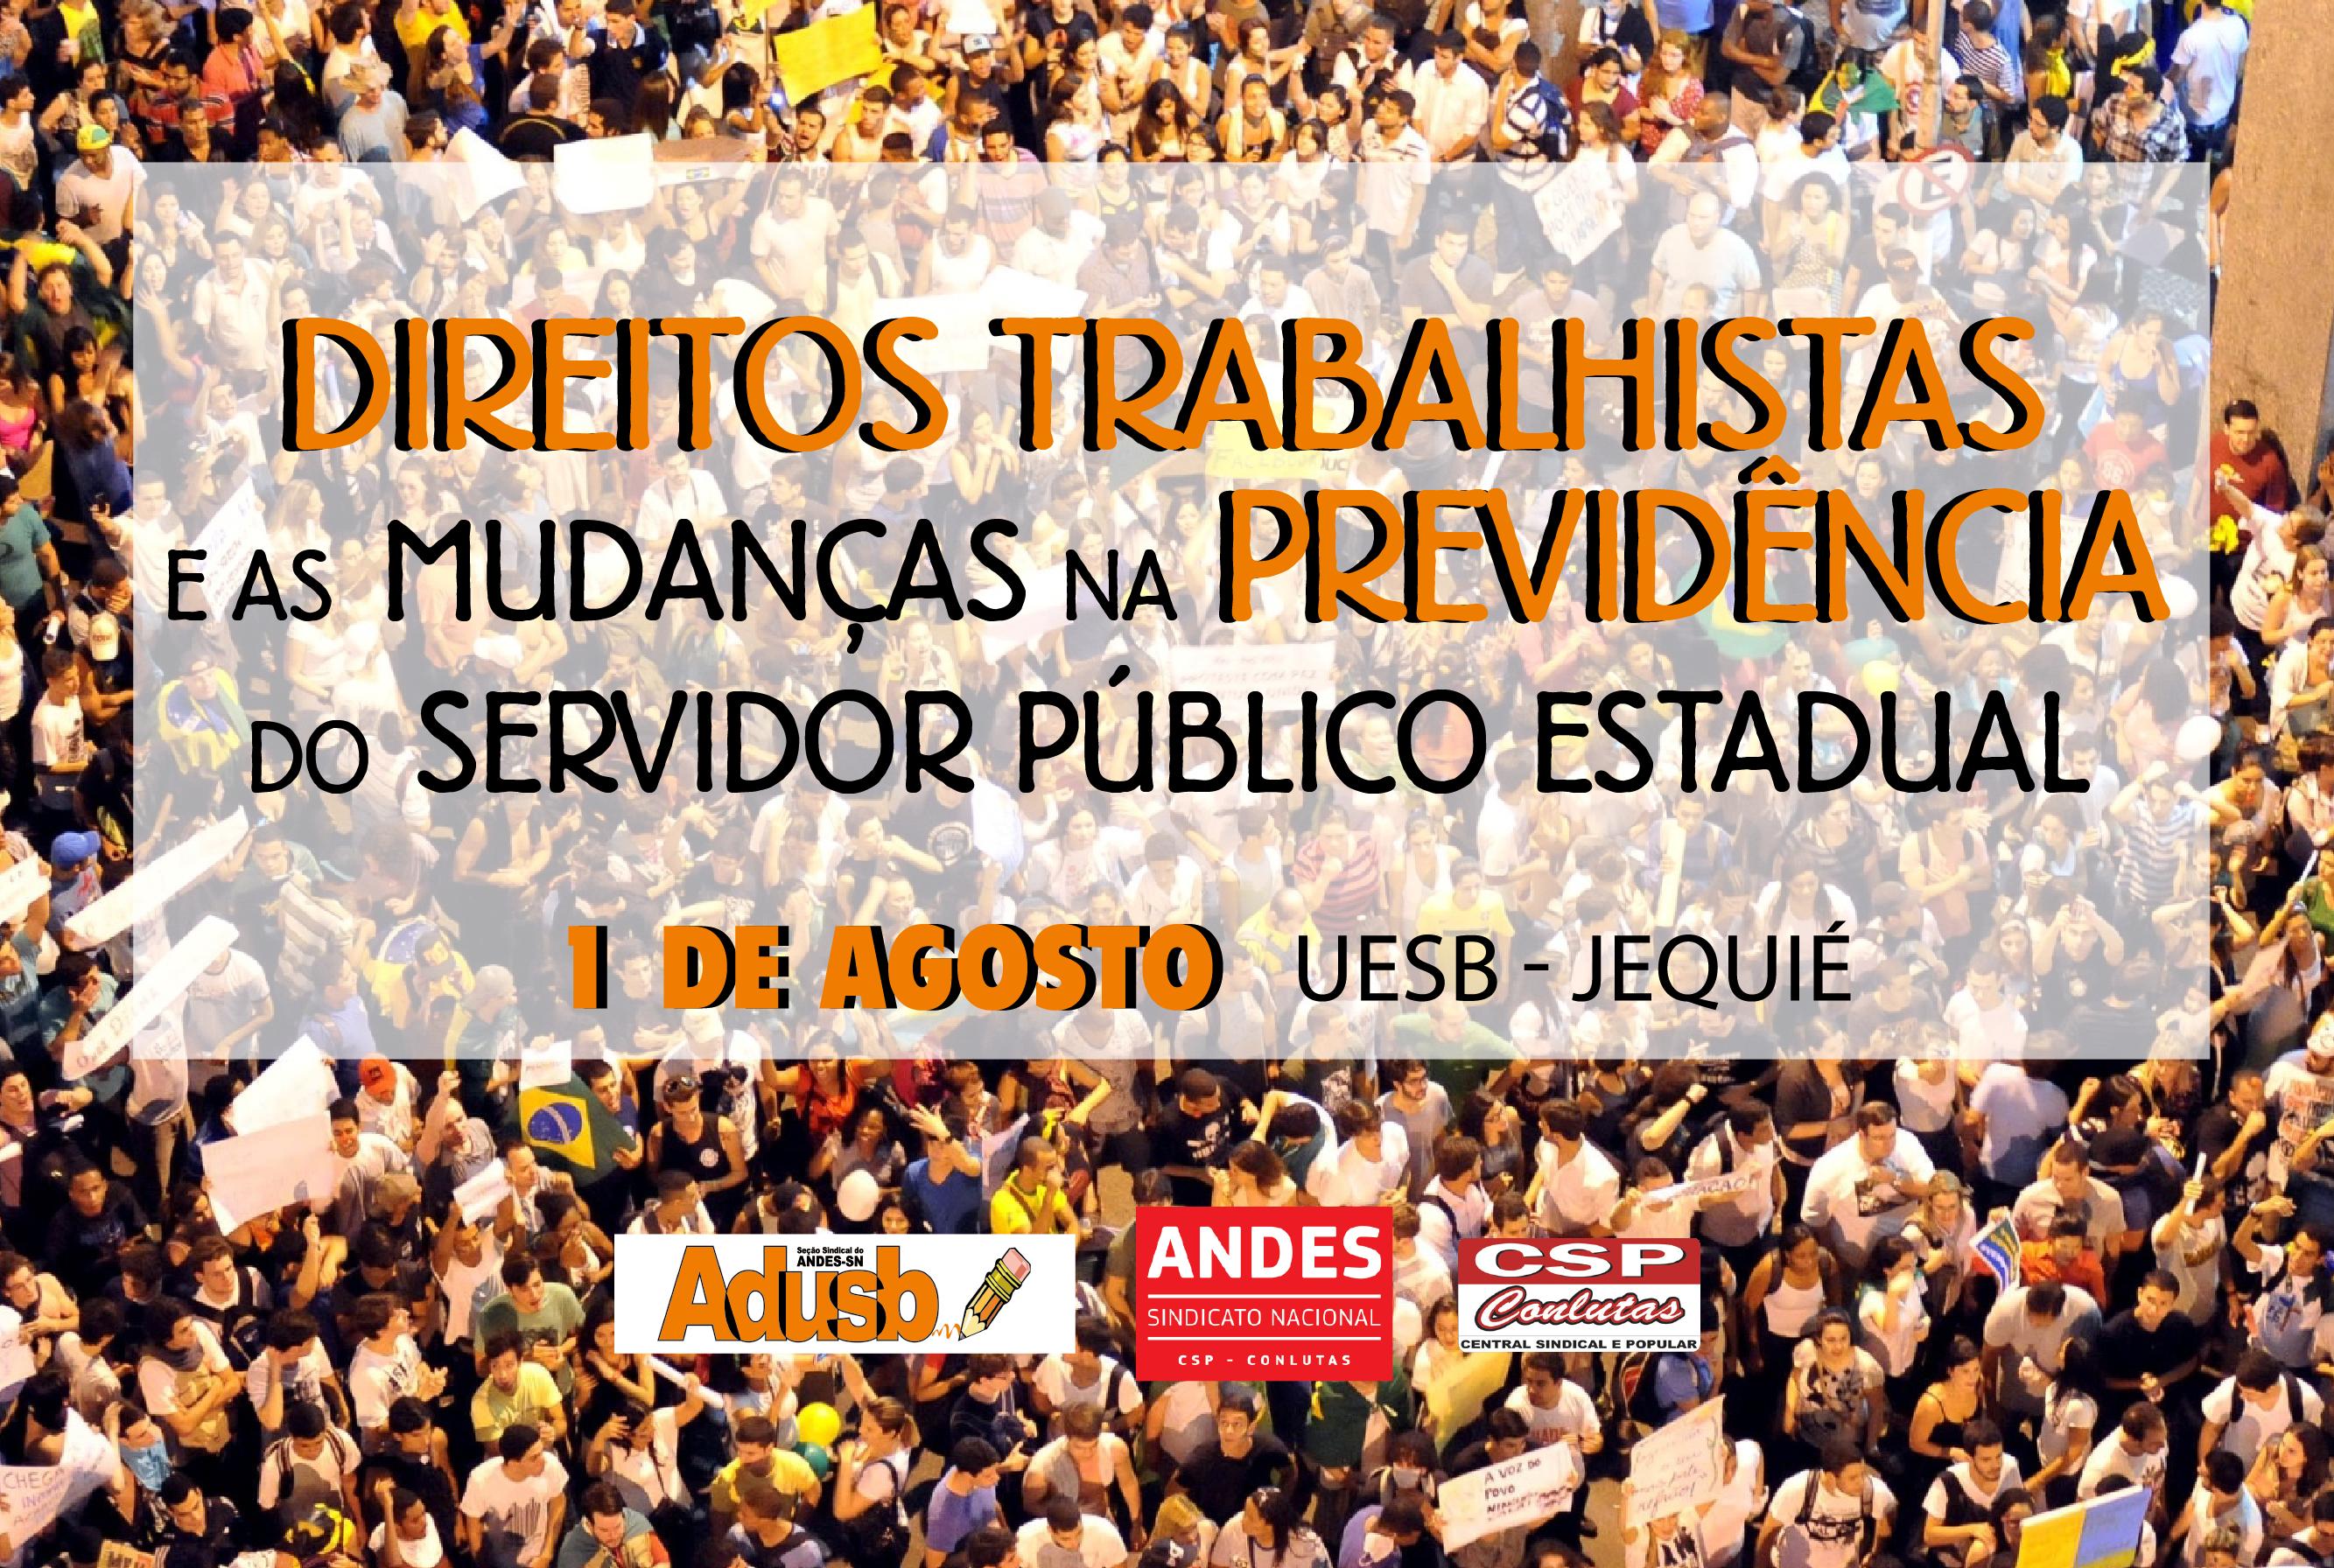 Aposentadoria e previdência serão temas de palestra da Adusb